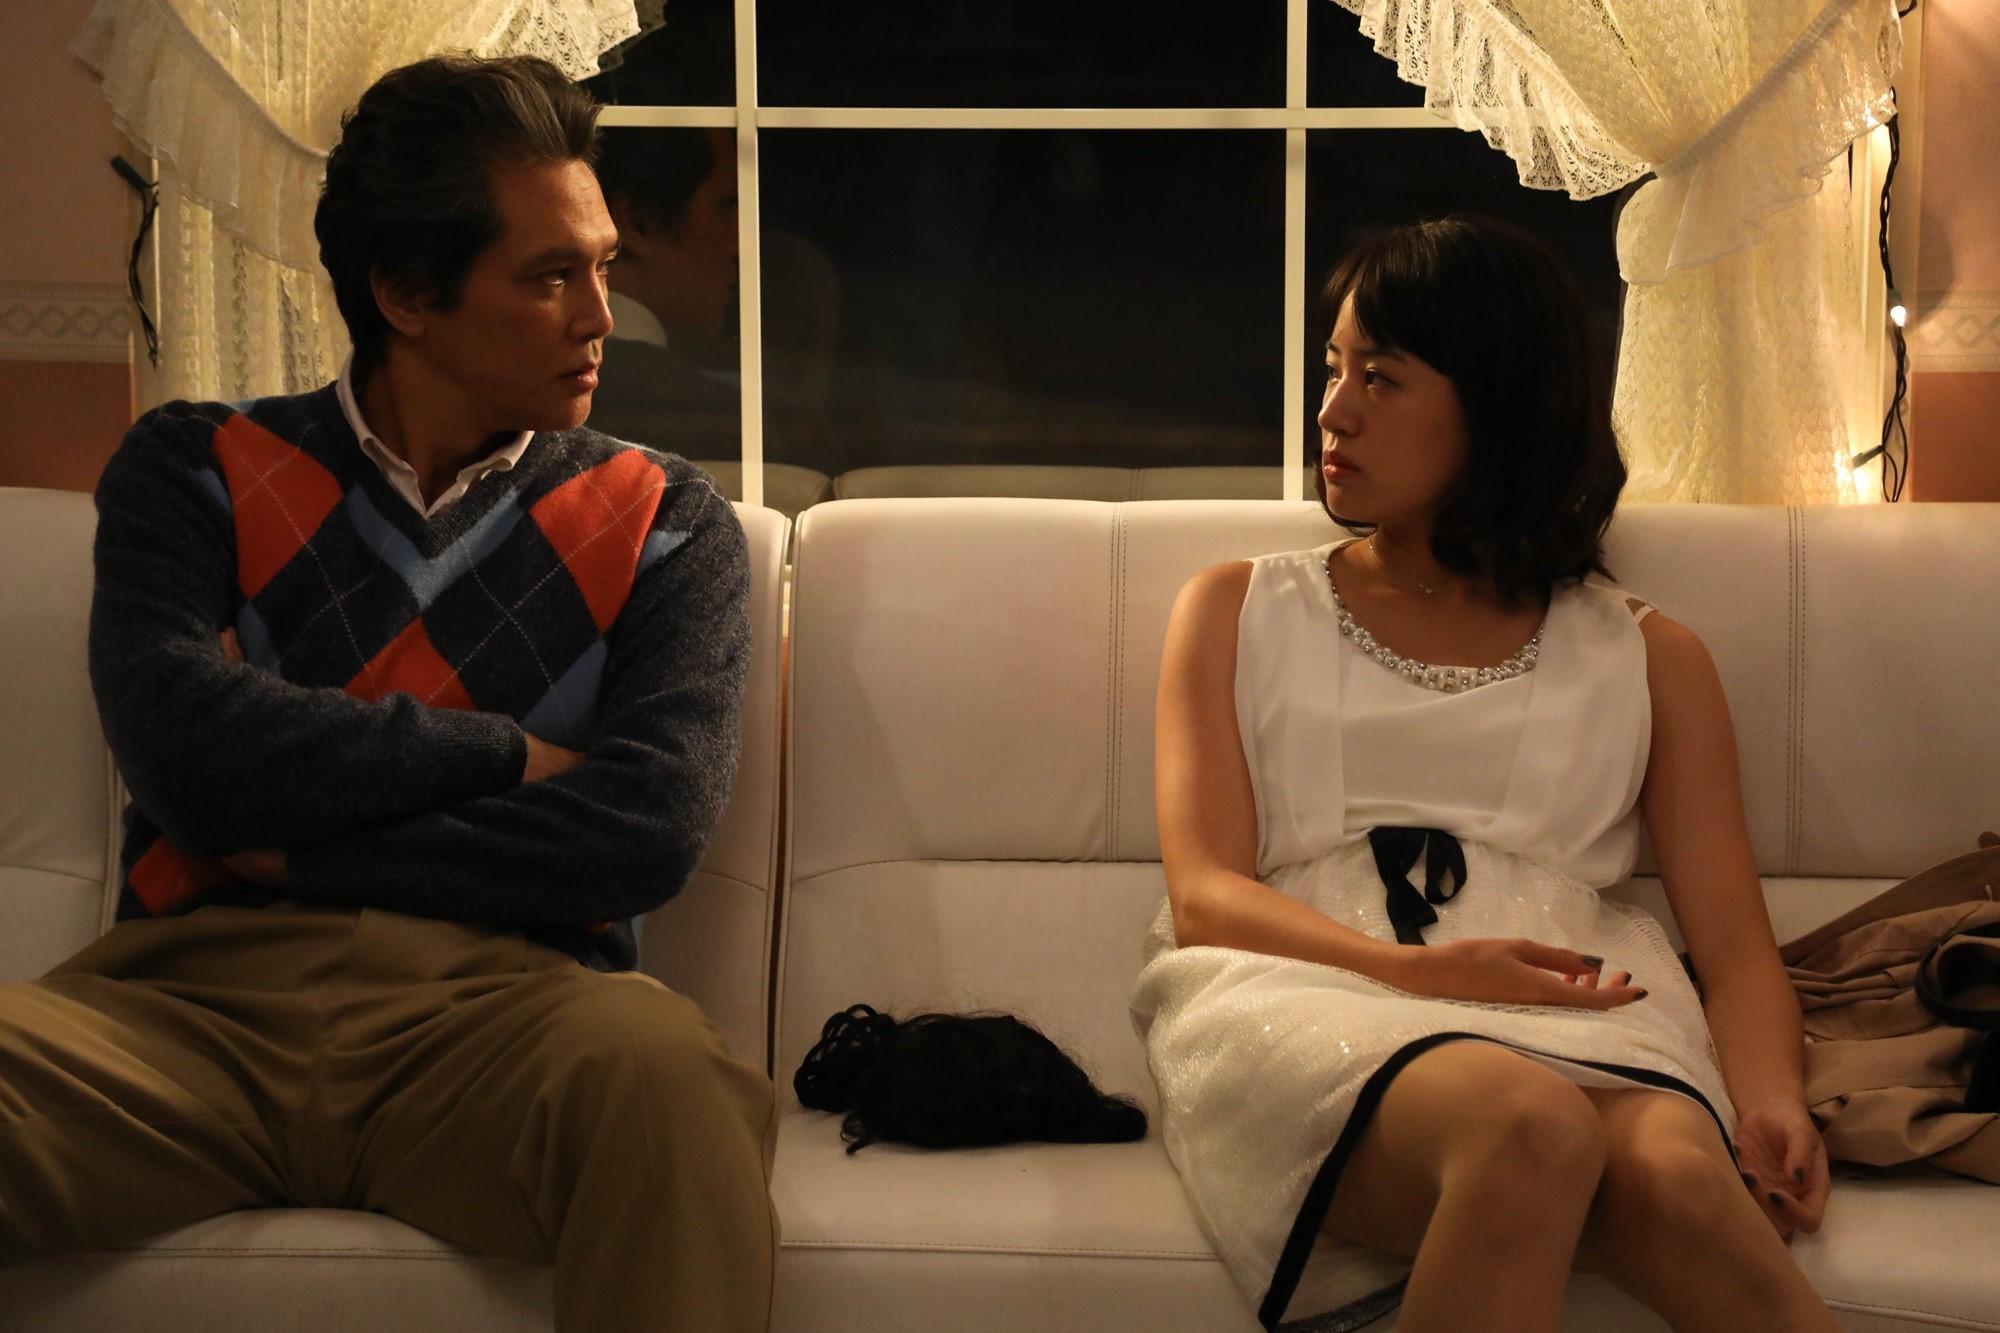 日本熟男演員加藤雅也毛薦自遂 努力爭取演出 詮飾家鄉奈良的故事